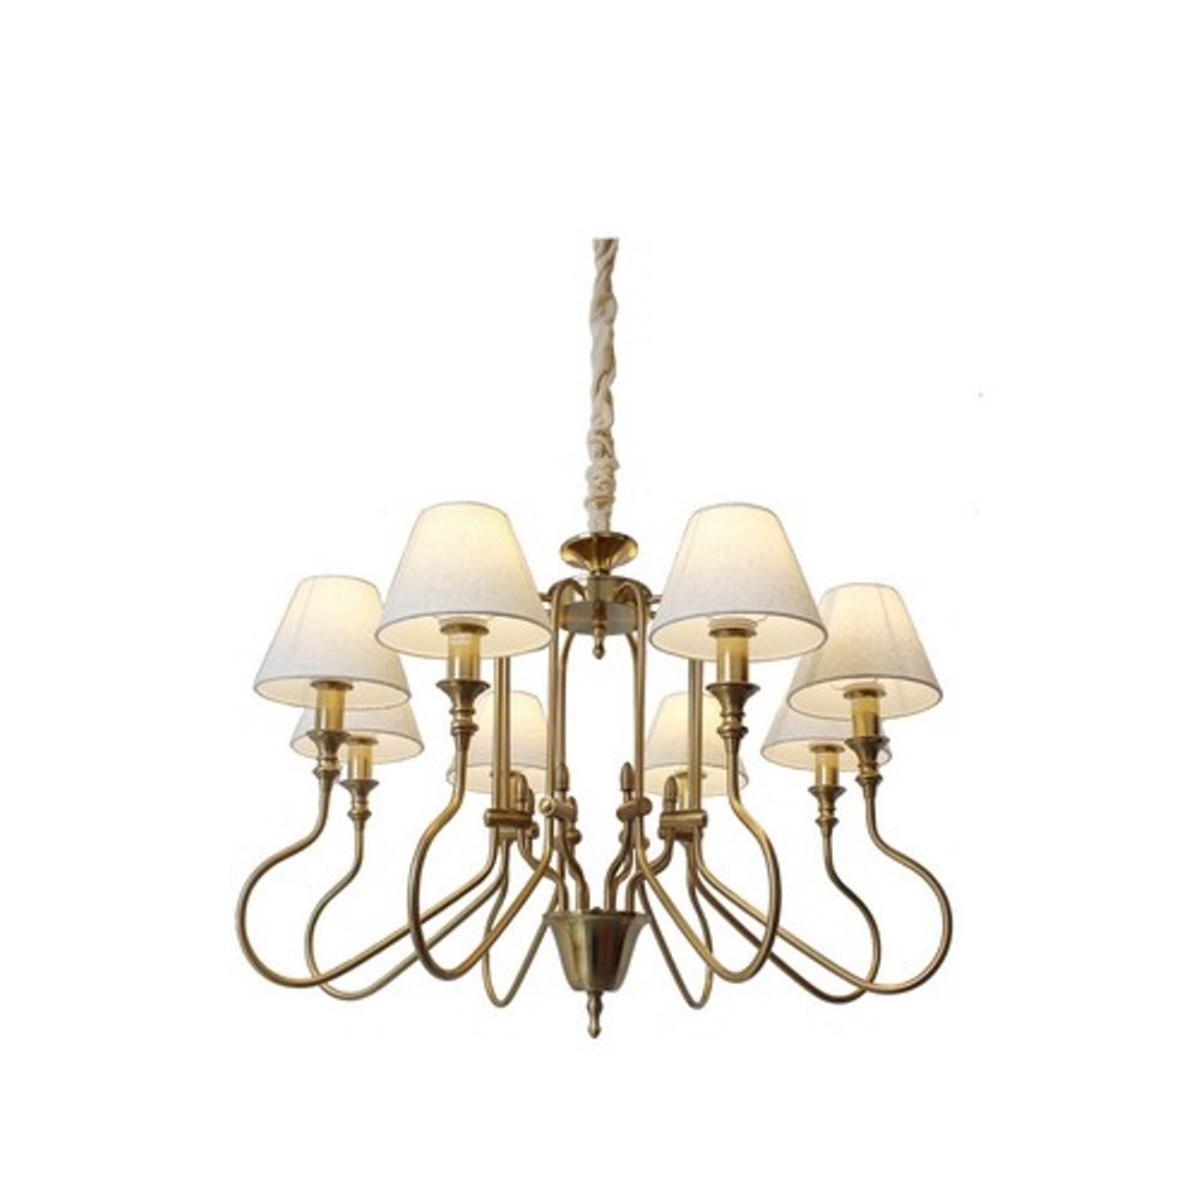 Люстра Arte Lamp Agio A6086LM-8PB E14 8 ламп